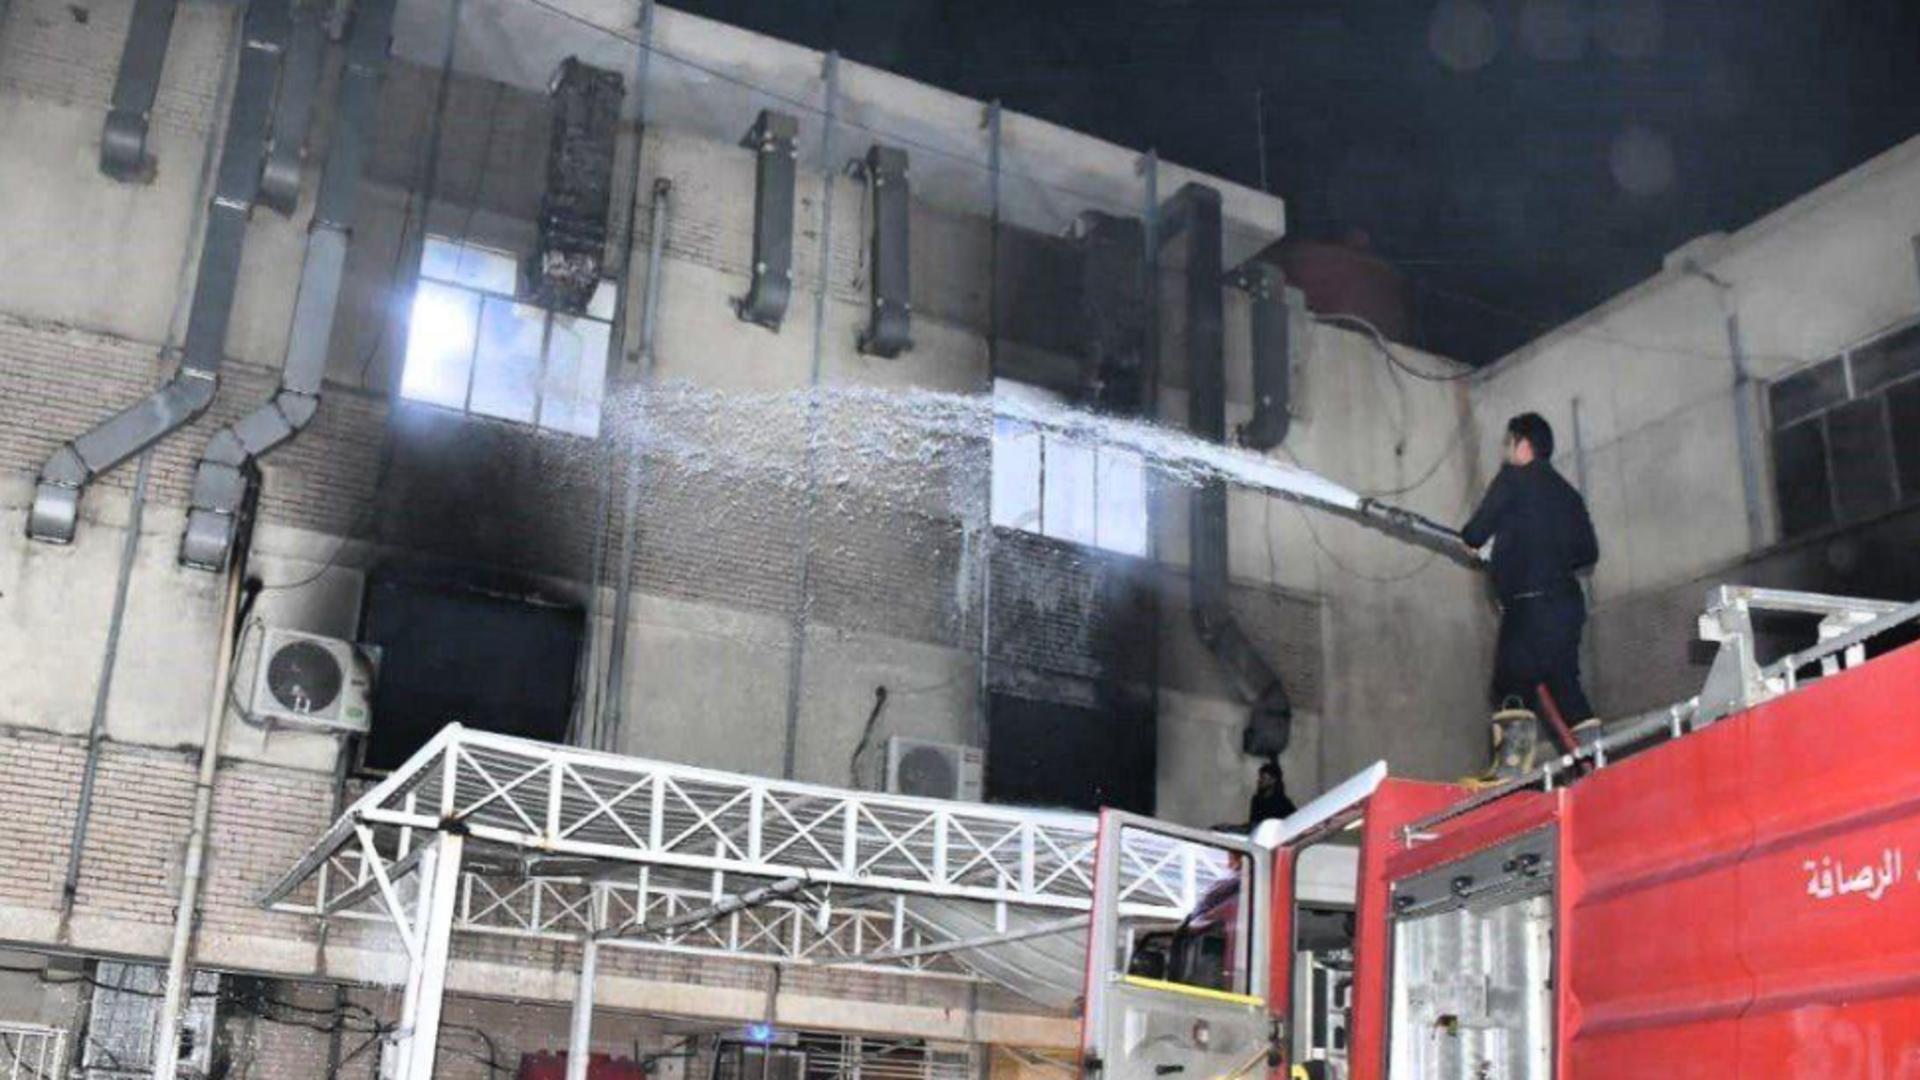 TRAGEDIE la un spital COVID din Irak: Cel puțin 82 de MORȚI la ATI după explozia tuburilor de oxigen Foto: Twitter.com